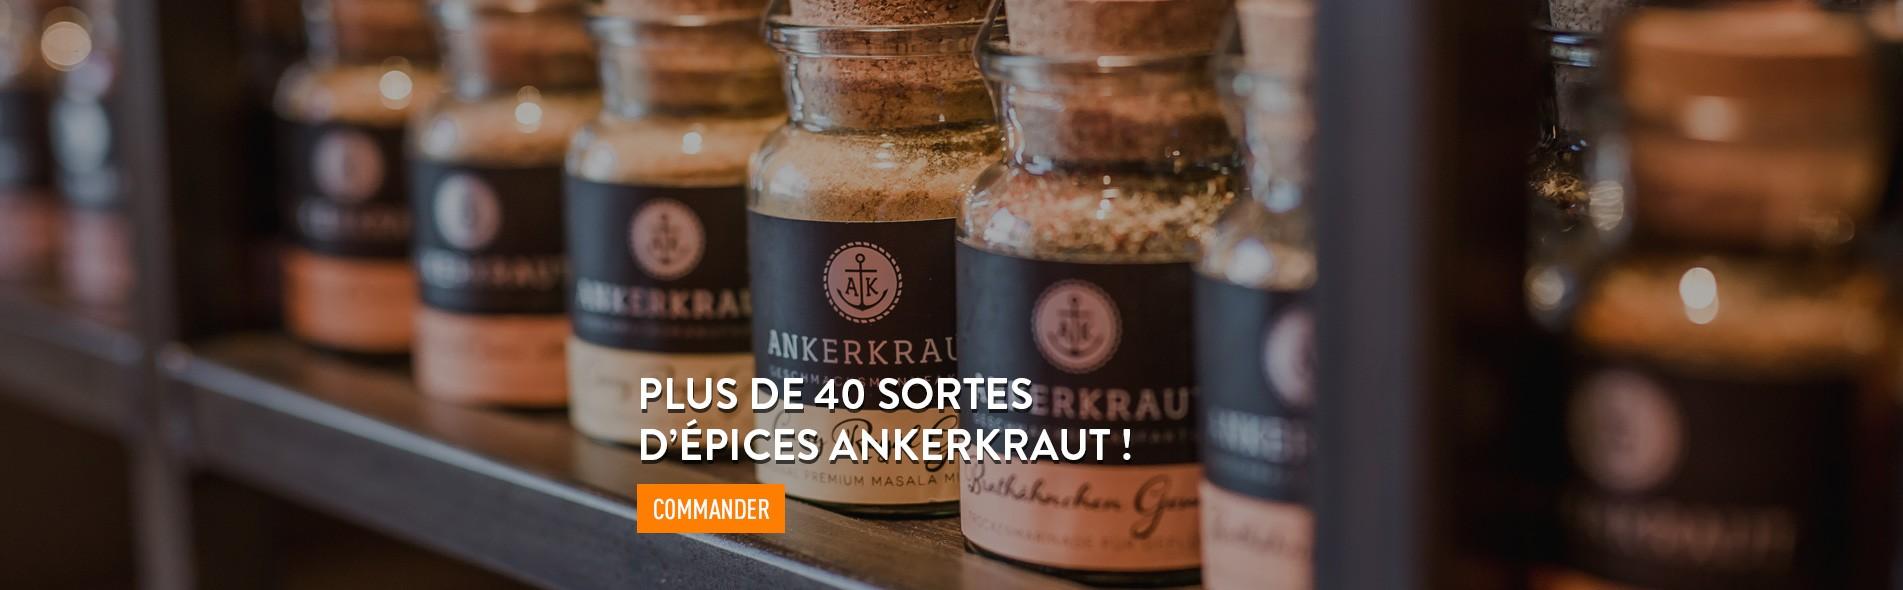 Meatbros une sélection de plus de 40 sortes d'épices Ankerkraut